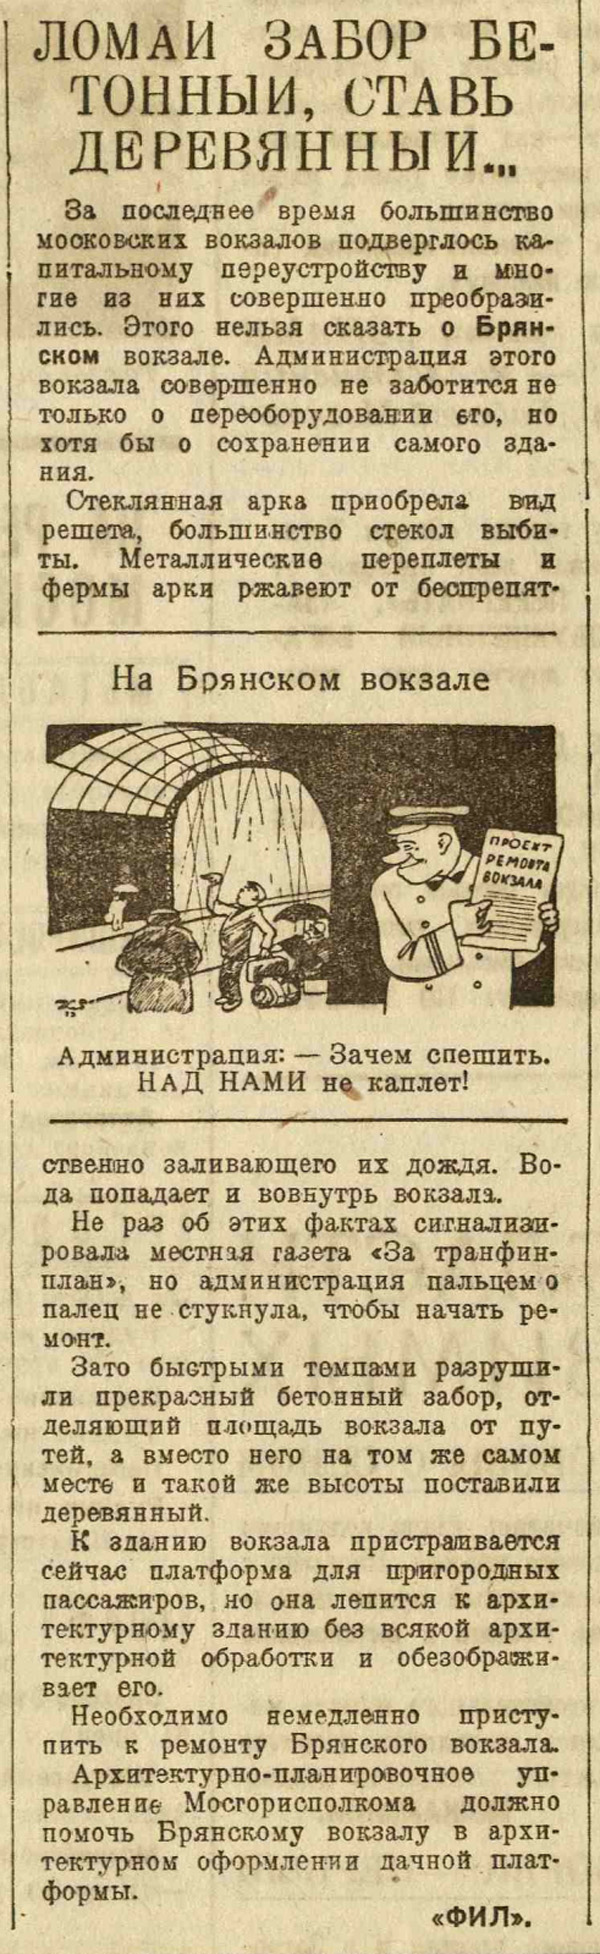 1932 Из жизни Брянского вокзала. Рабочая Москва, 1932, № 173, 23 июля